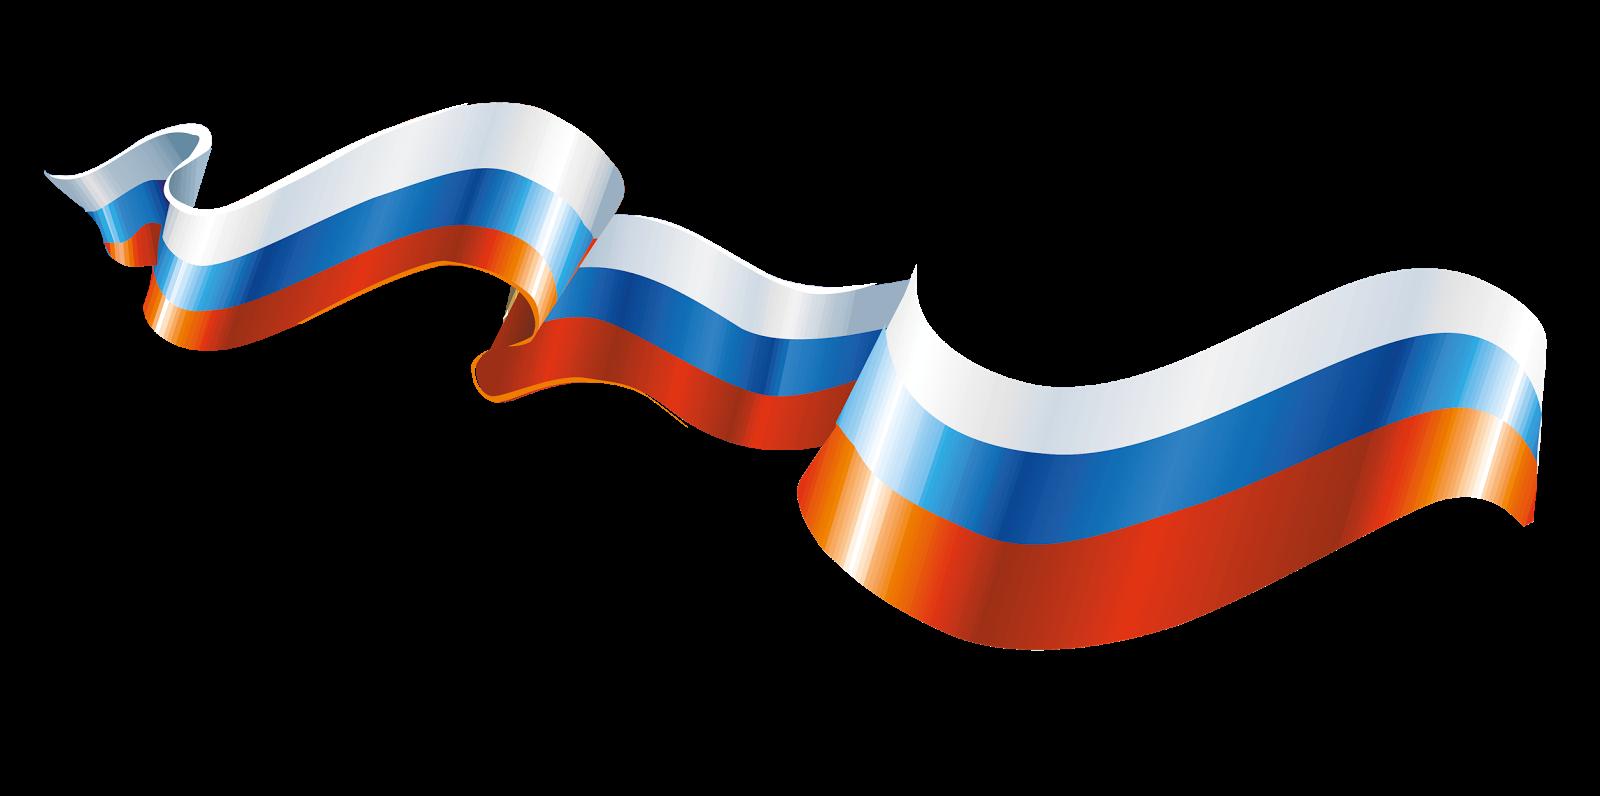 могут быть ленточка россии без фона услугам